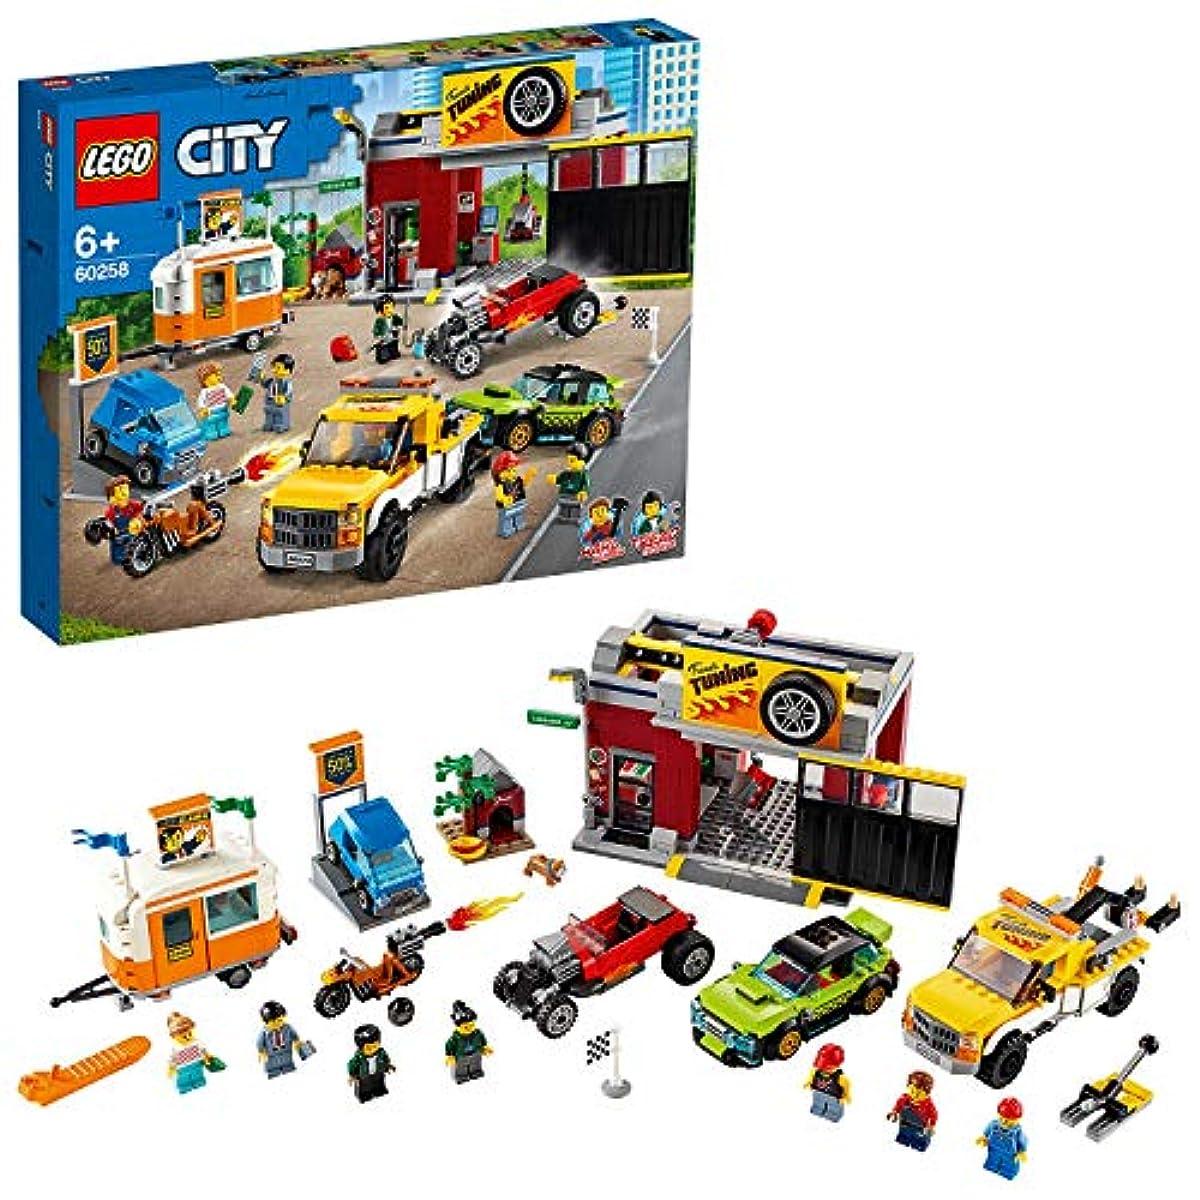 [해외] 레고(LEGO) 씨티 차의 수리 공장 60258